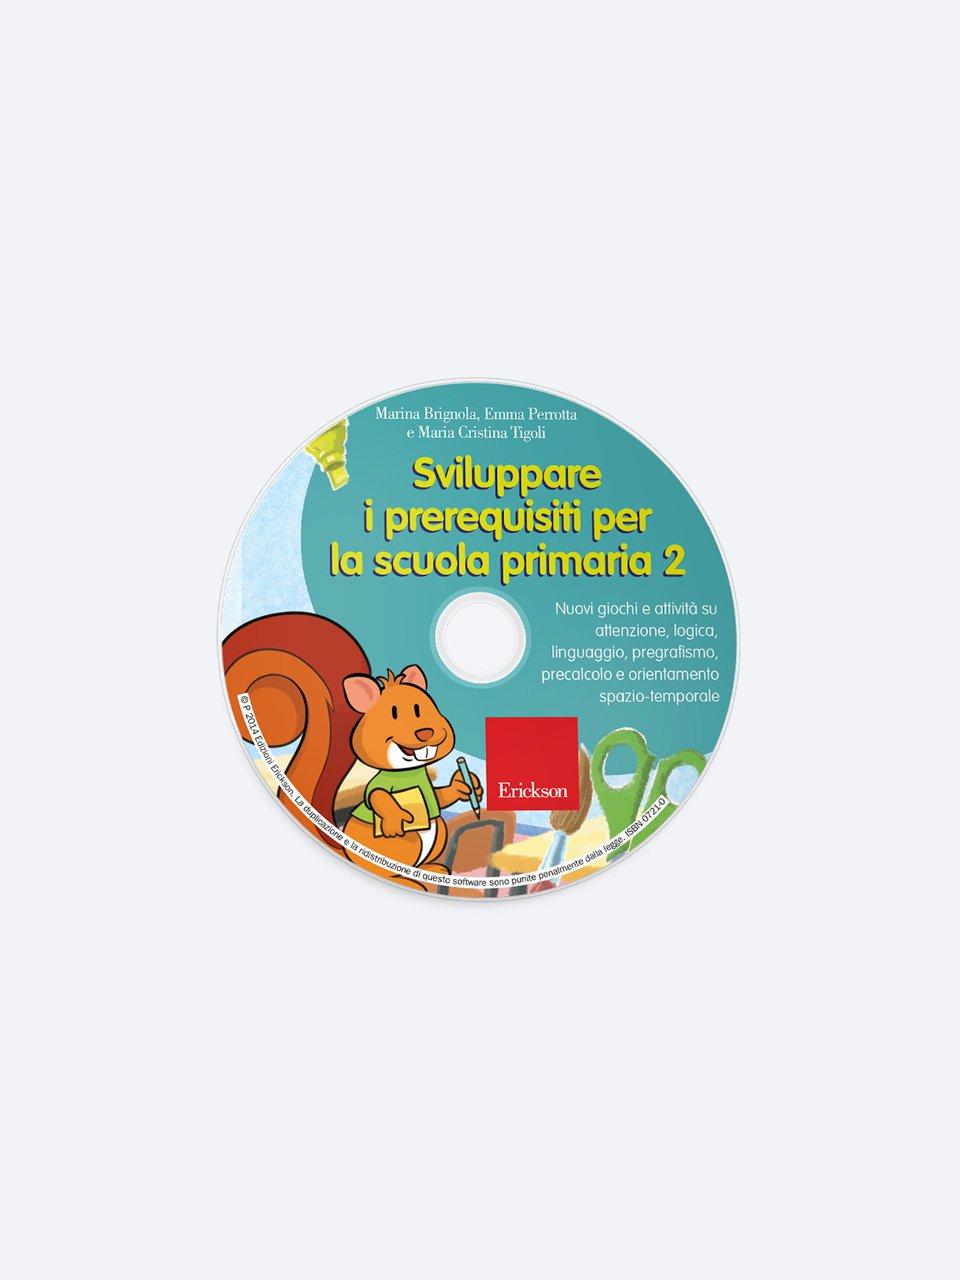 Sviluppare i prerequisiti per la scuola primaria - Volume 2 - Le proposte Erickson per i compiti-delle-vacanze - Erickson 2